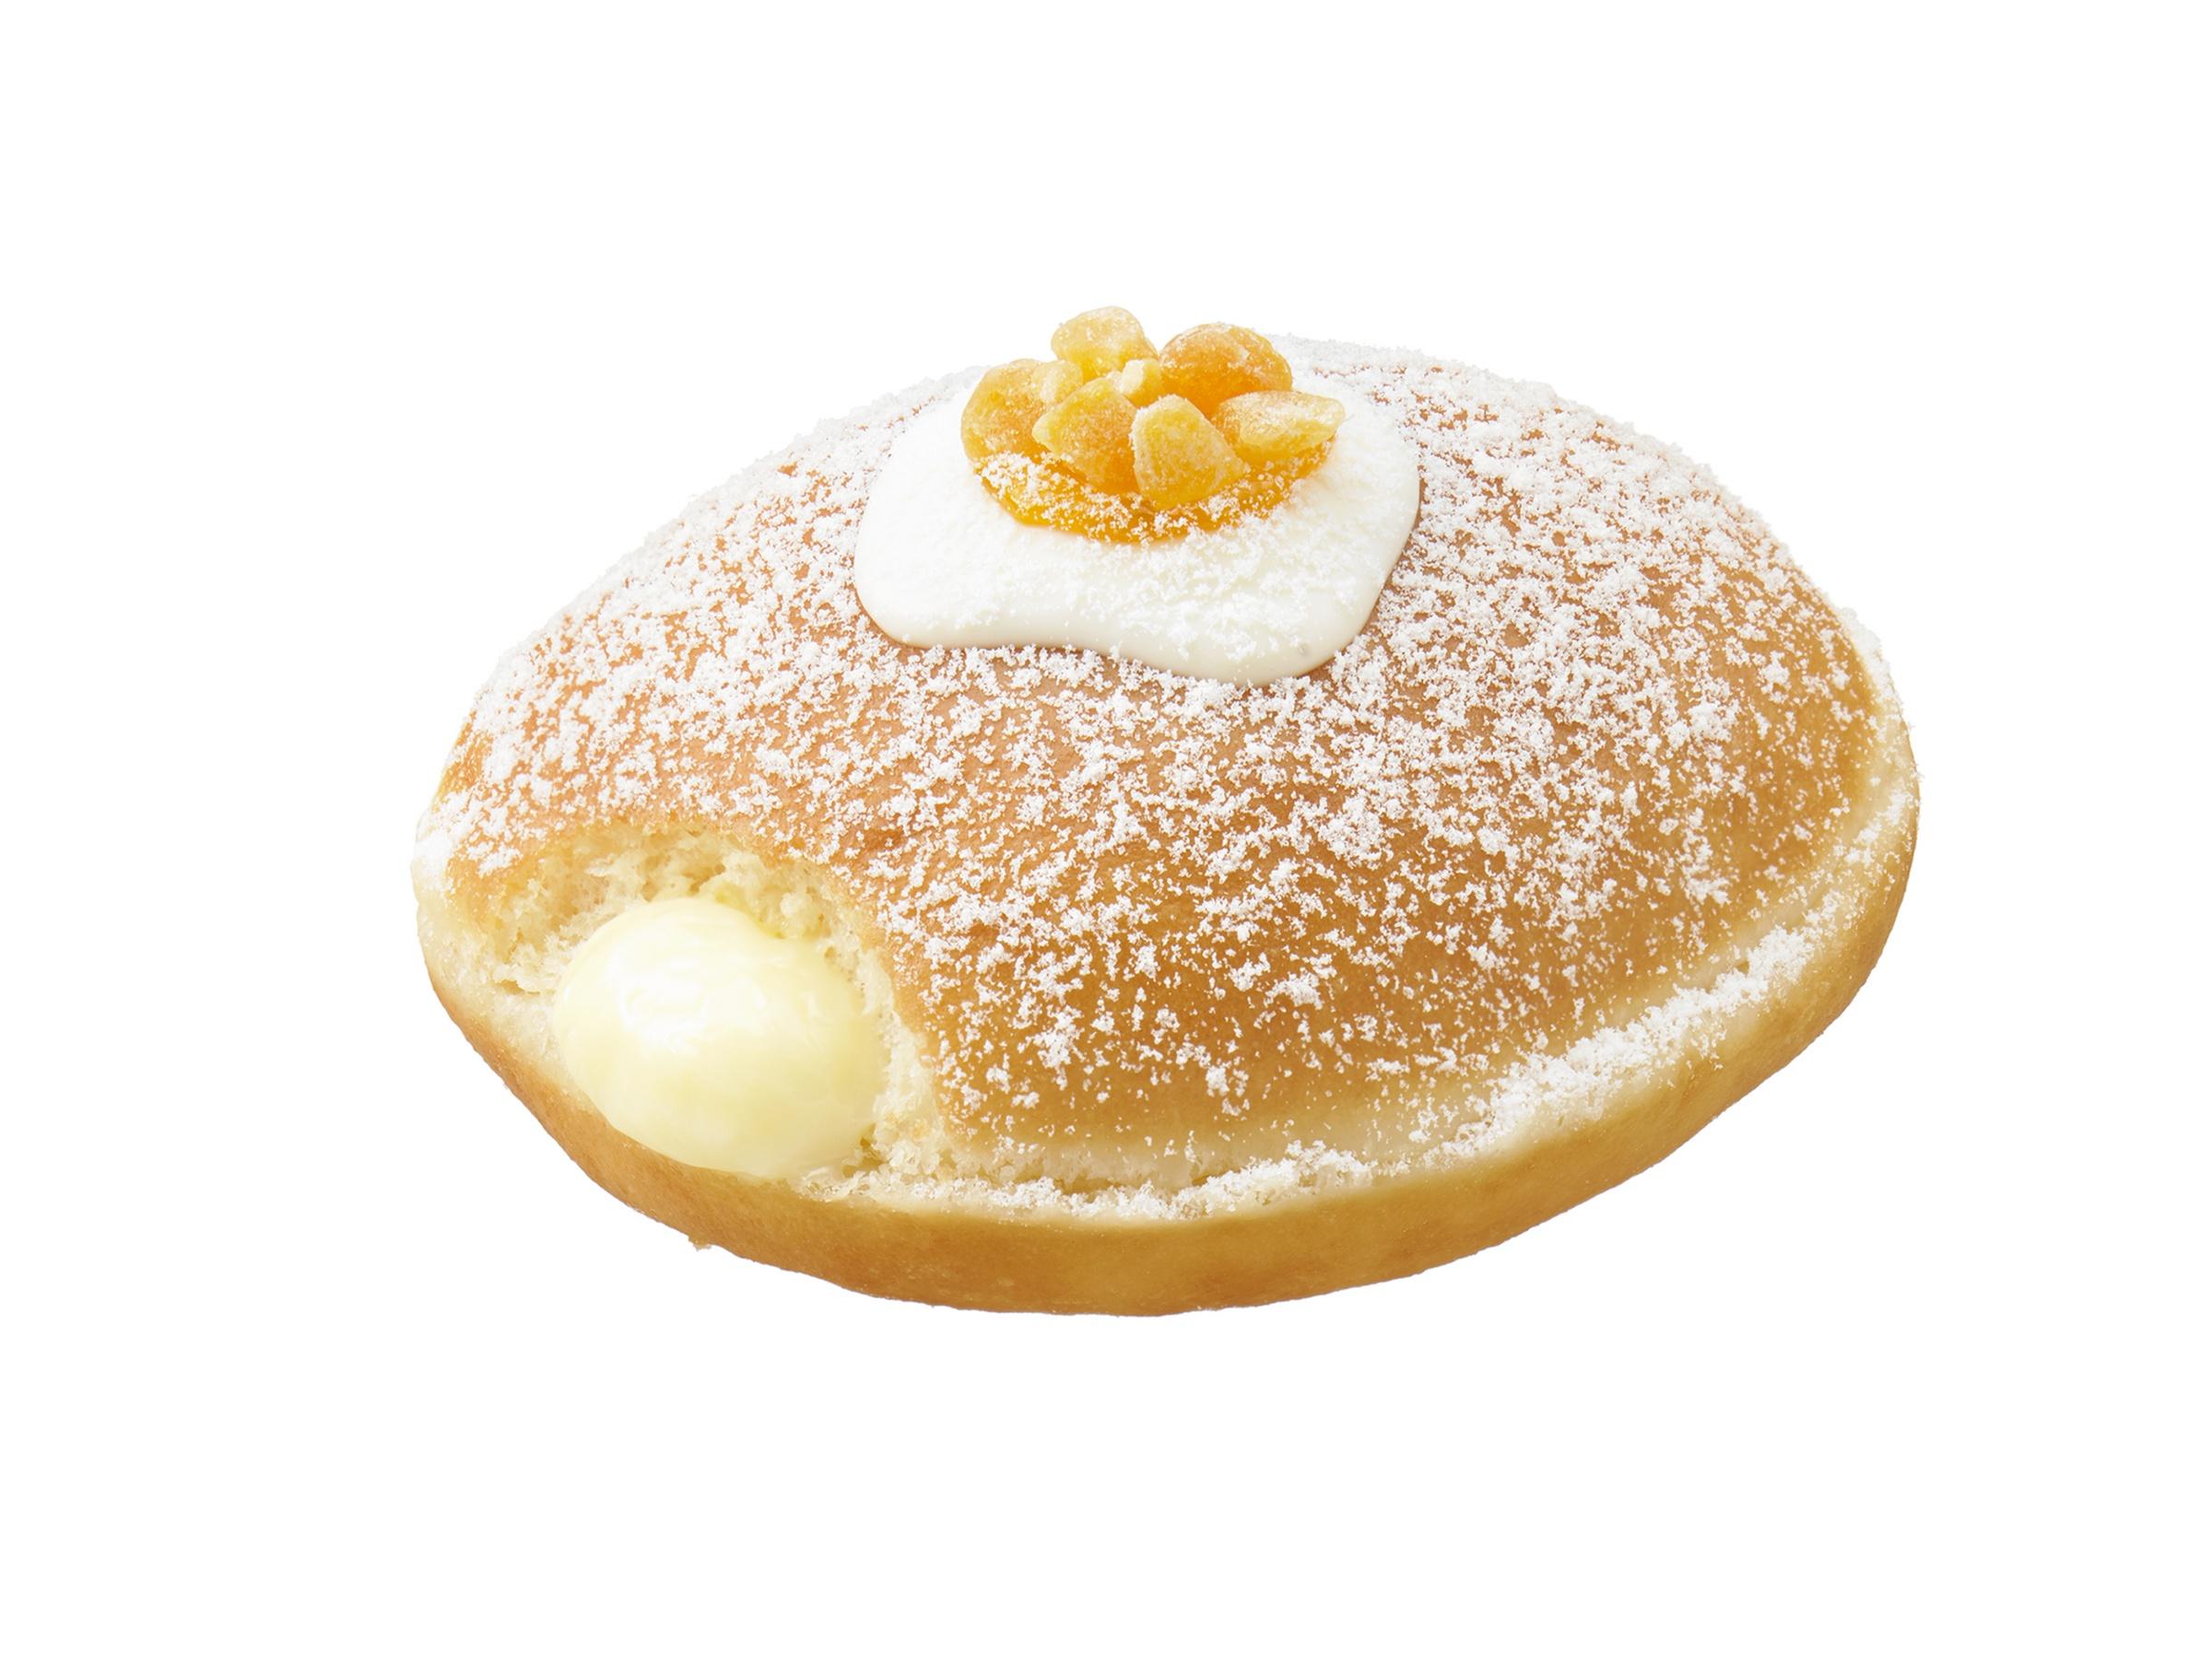 夏らしさもインスタ映えも満点! 『クリスピー・クリーム・ドーナツ』の新作ドーナツでハワイ気分を♡_1_3